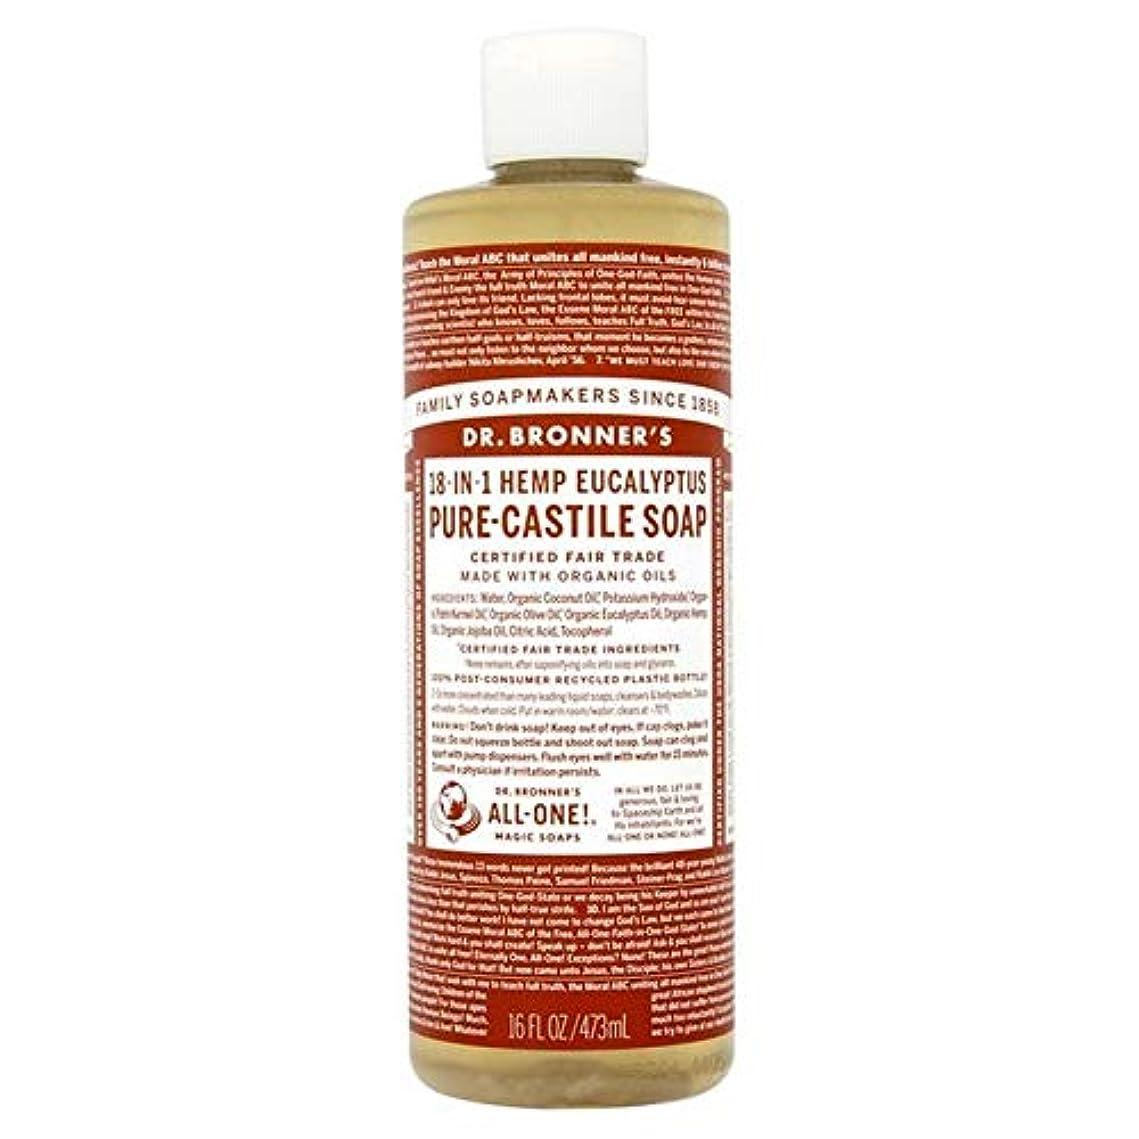 賛辞最も遠い泥沼[Dr Bronner] Dr。ブロナーズ有機ユーカリの純粋な-カスティーリャ液体石鹸473ミリリットル - Dr. Bronner's Organic Eucalyptus Pure-Castille Liquid Soap...